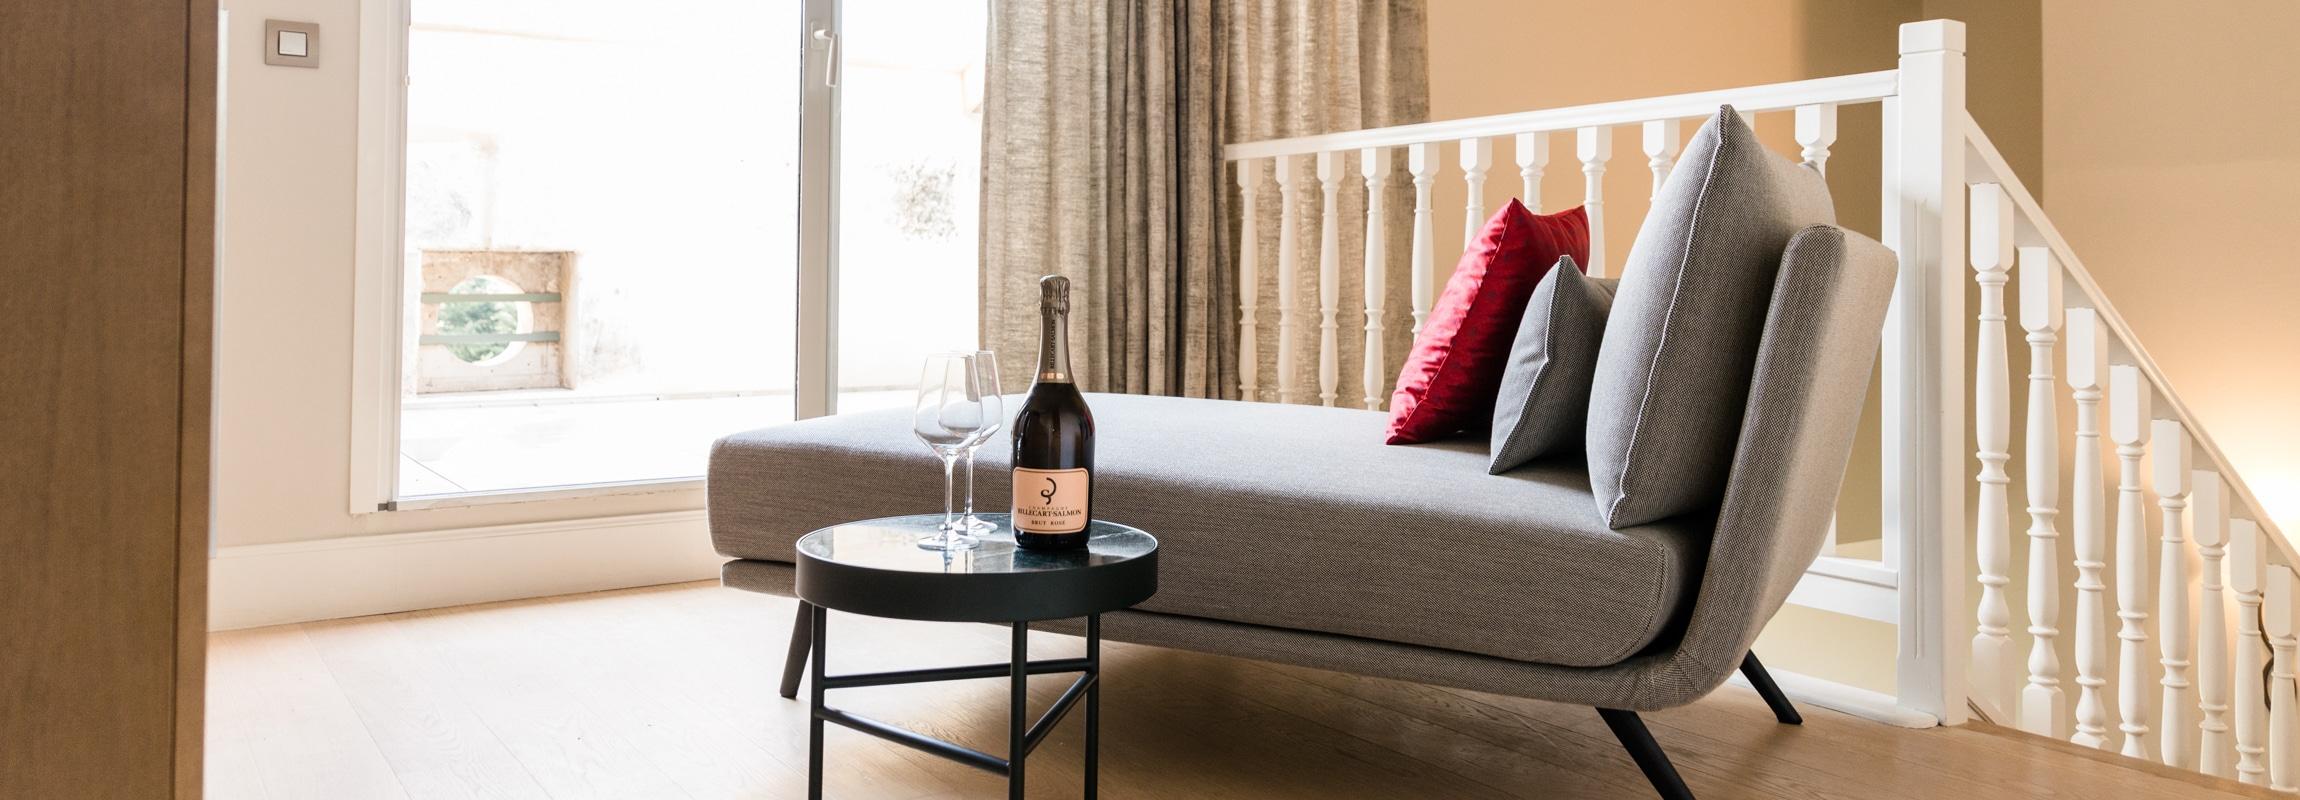 Chateau de Montcaud, Hotel Provence, Duplex Suites